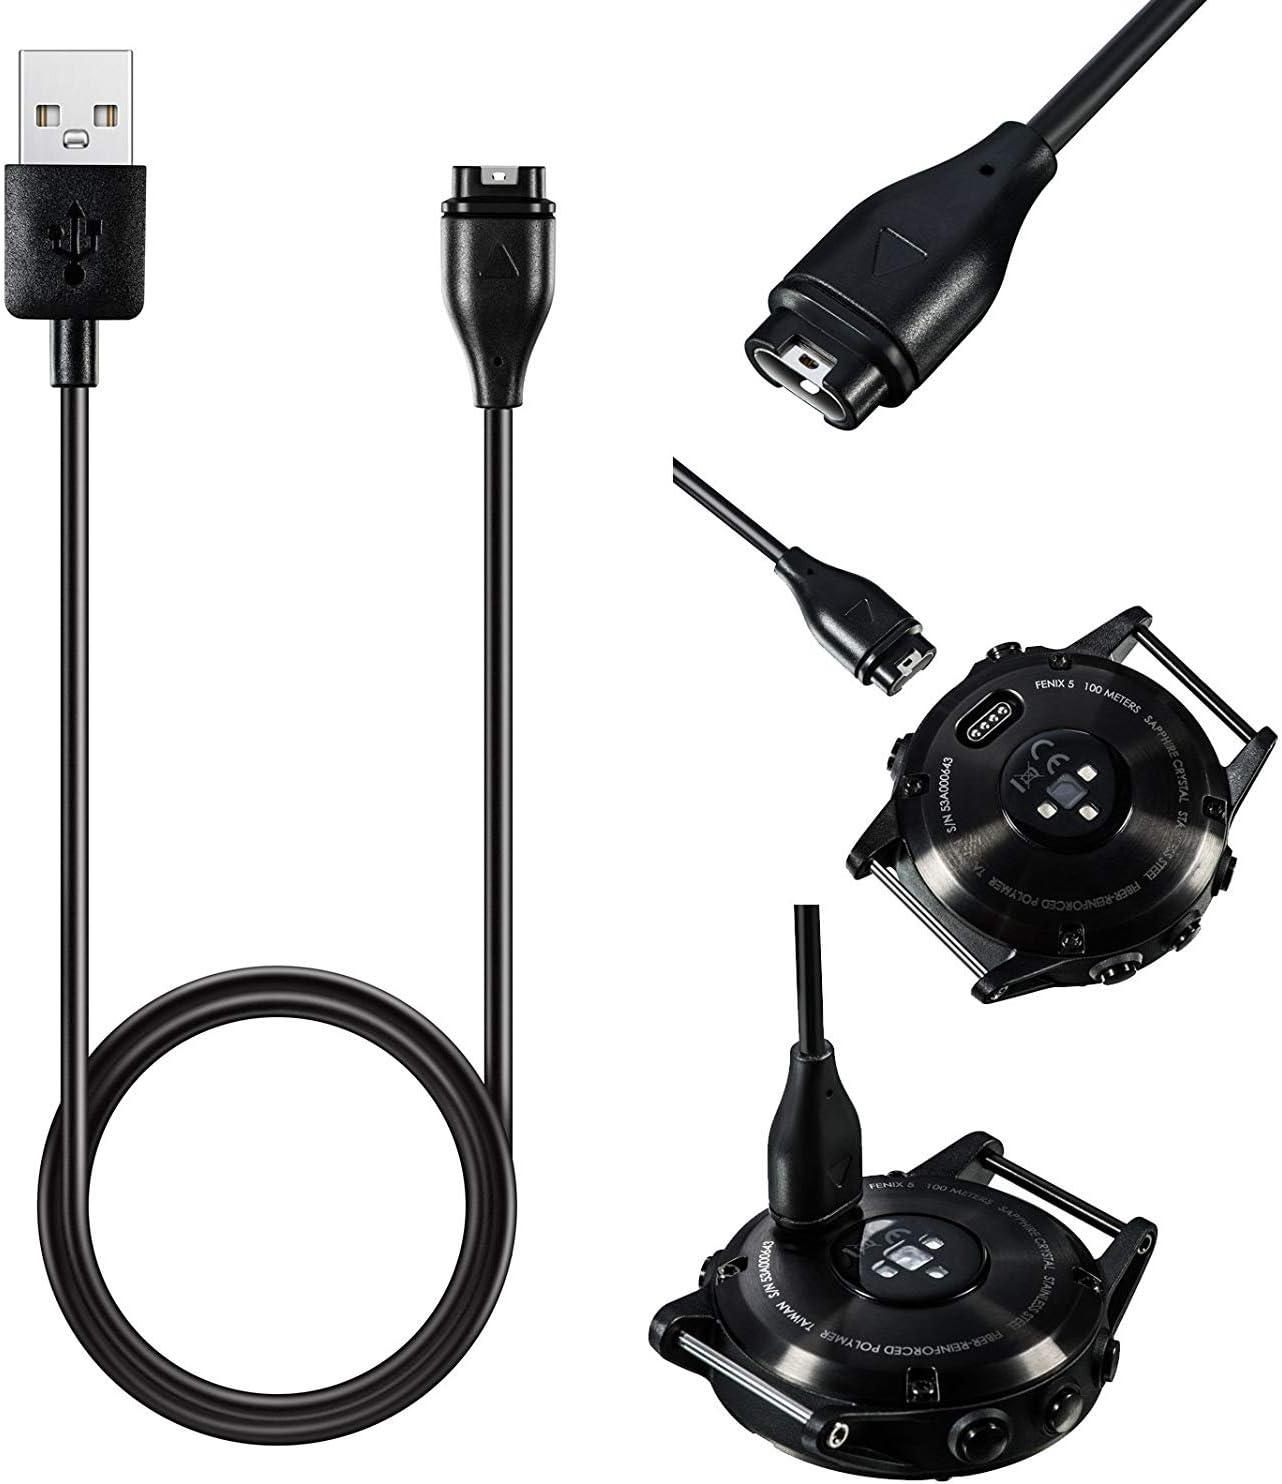 Cable de cargador para Garmin vivoactive 3 / Forerunner 745